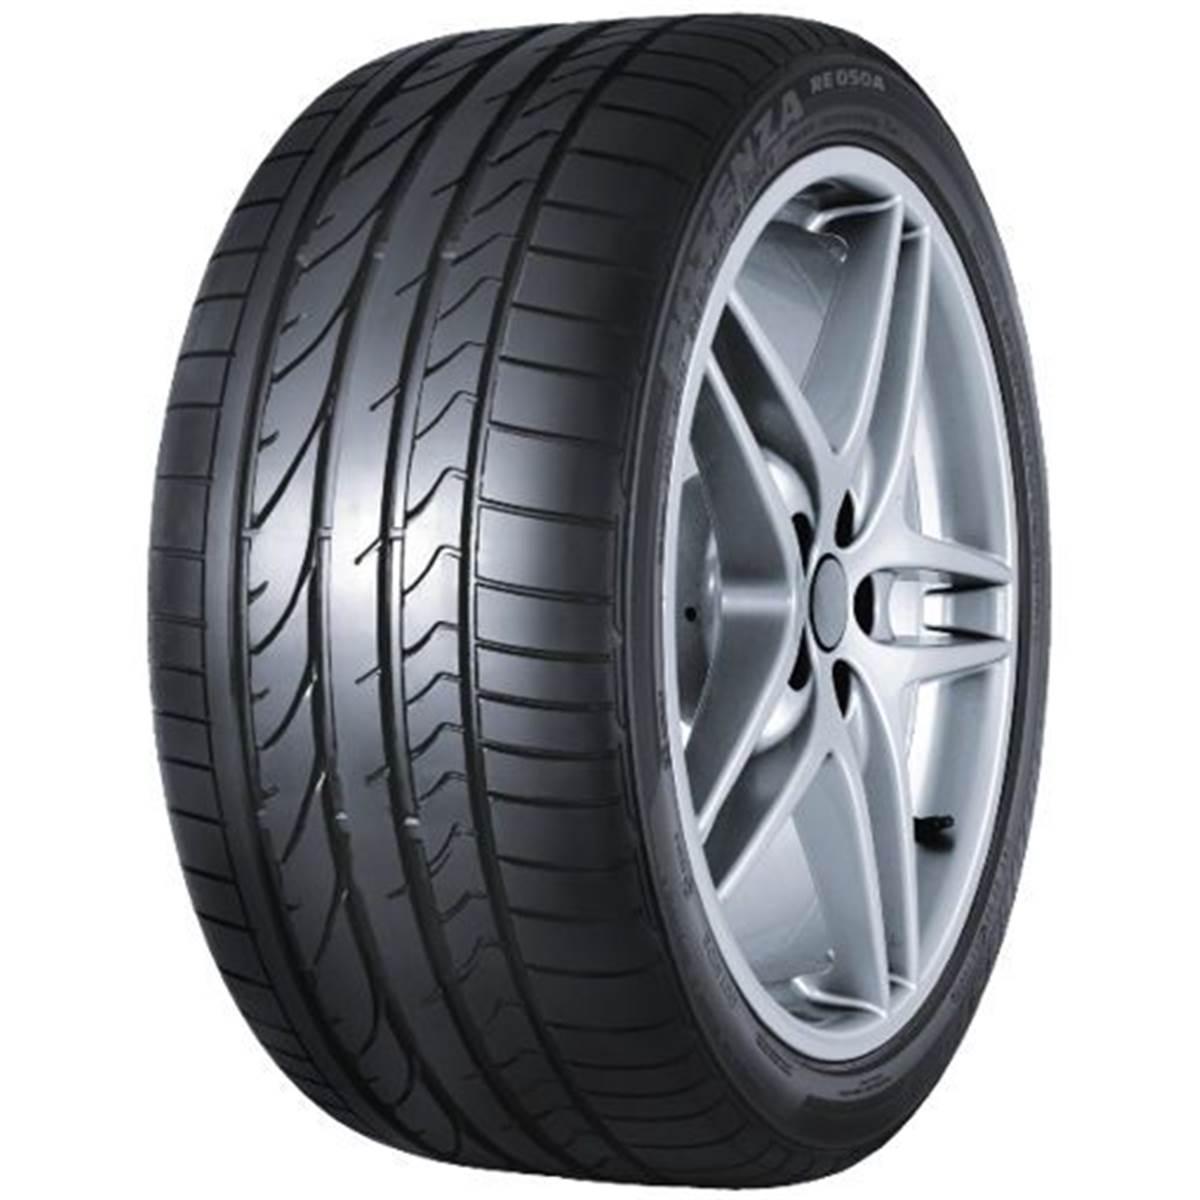 Pneu Bridgestone 285/35R19 99Y Potenza Re050A